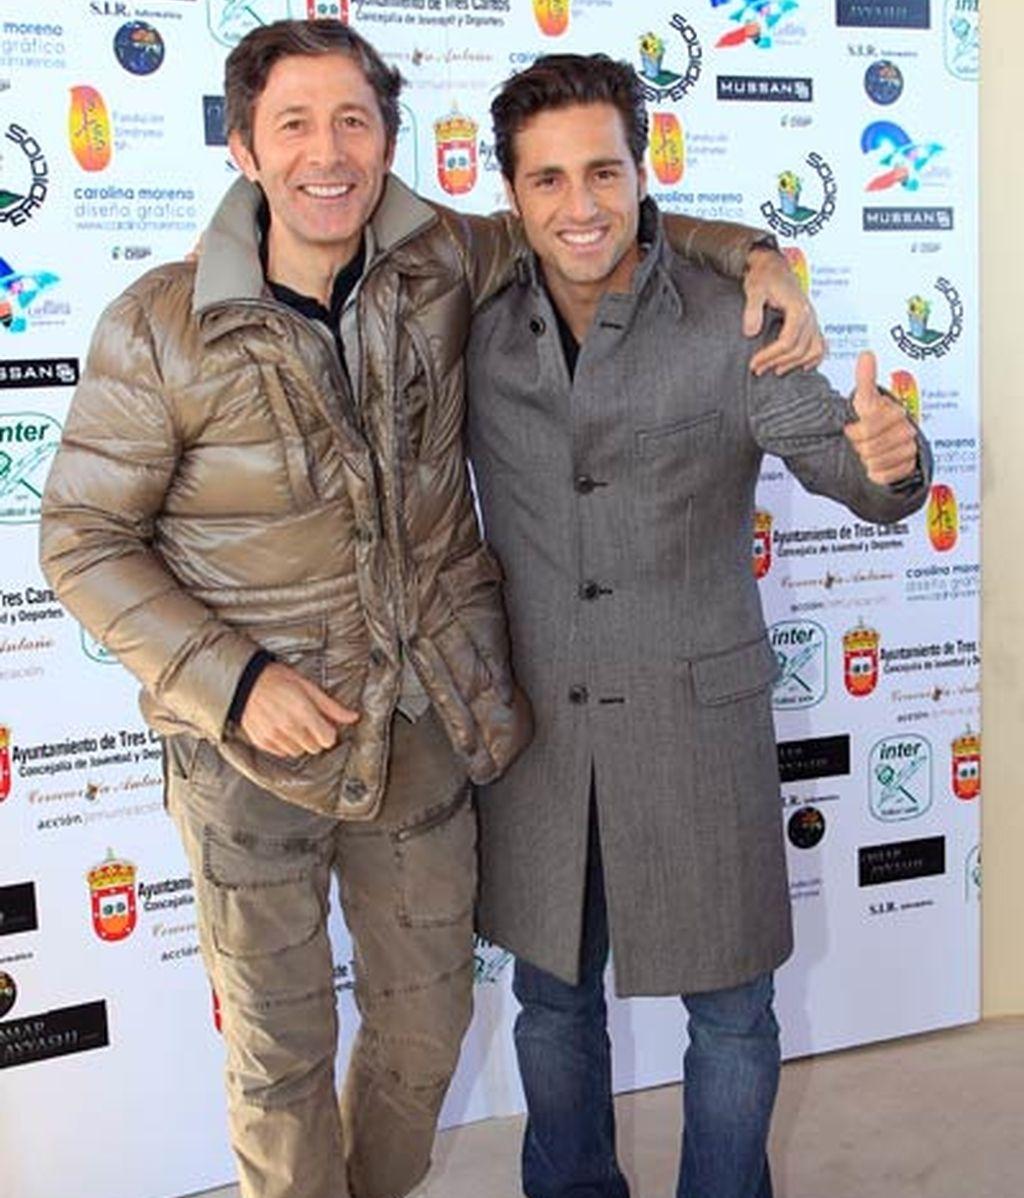 Bustamante, Dani Martín y Gonzalo Miró defienden los mismos colores